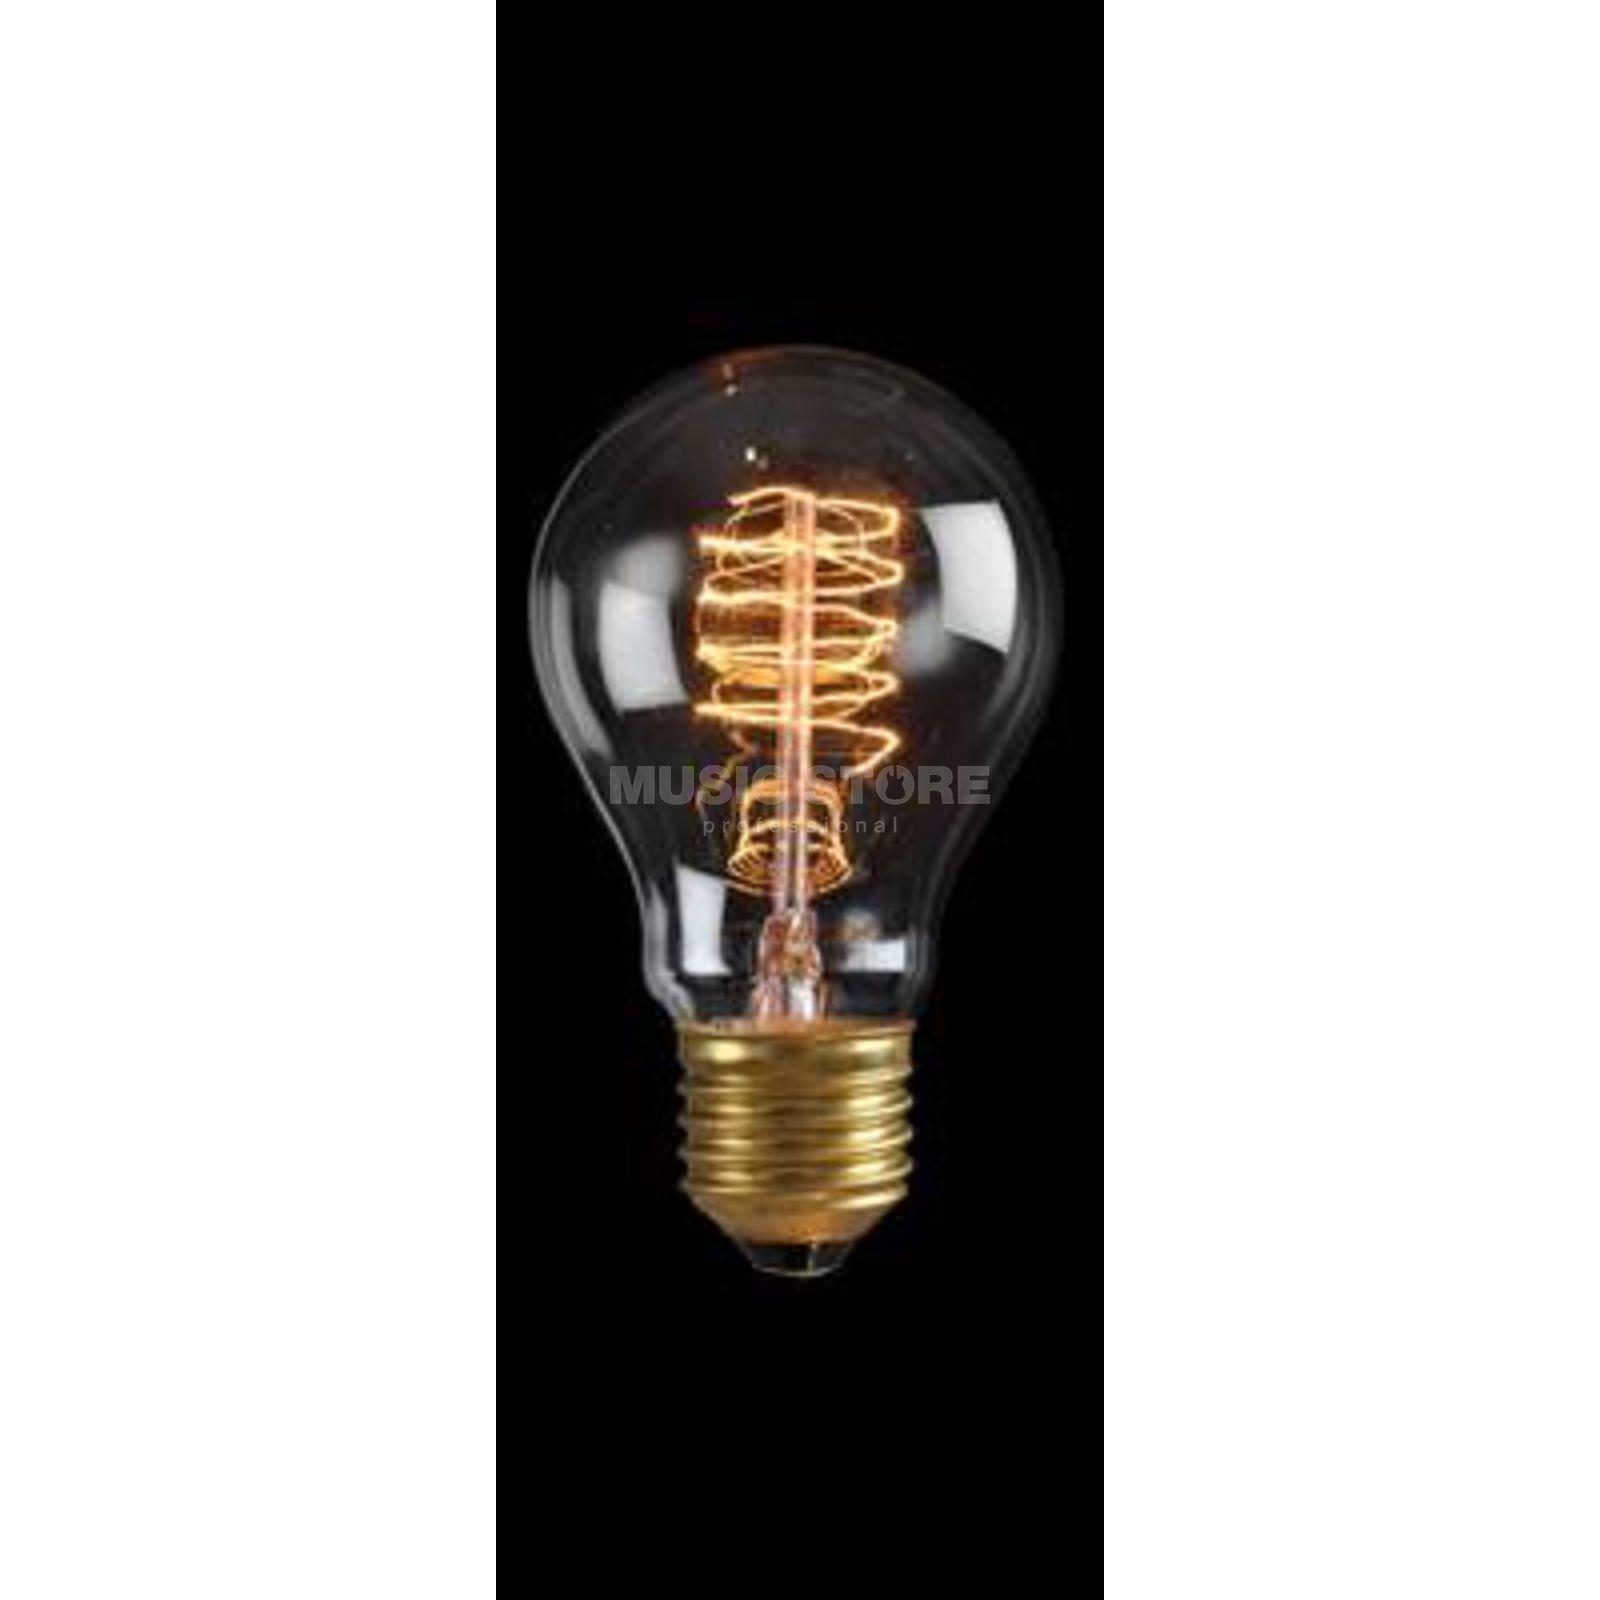 danlamp-a-s-standard-de-luxe-gluehbirne-240v-60w-e27_1_LIG0012246-000 Erstaunlich Www Gluehbirne De Dekorationen